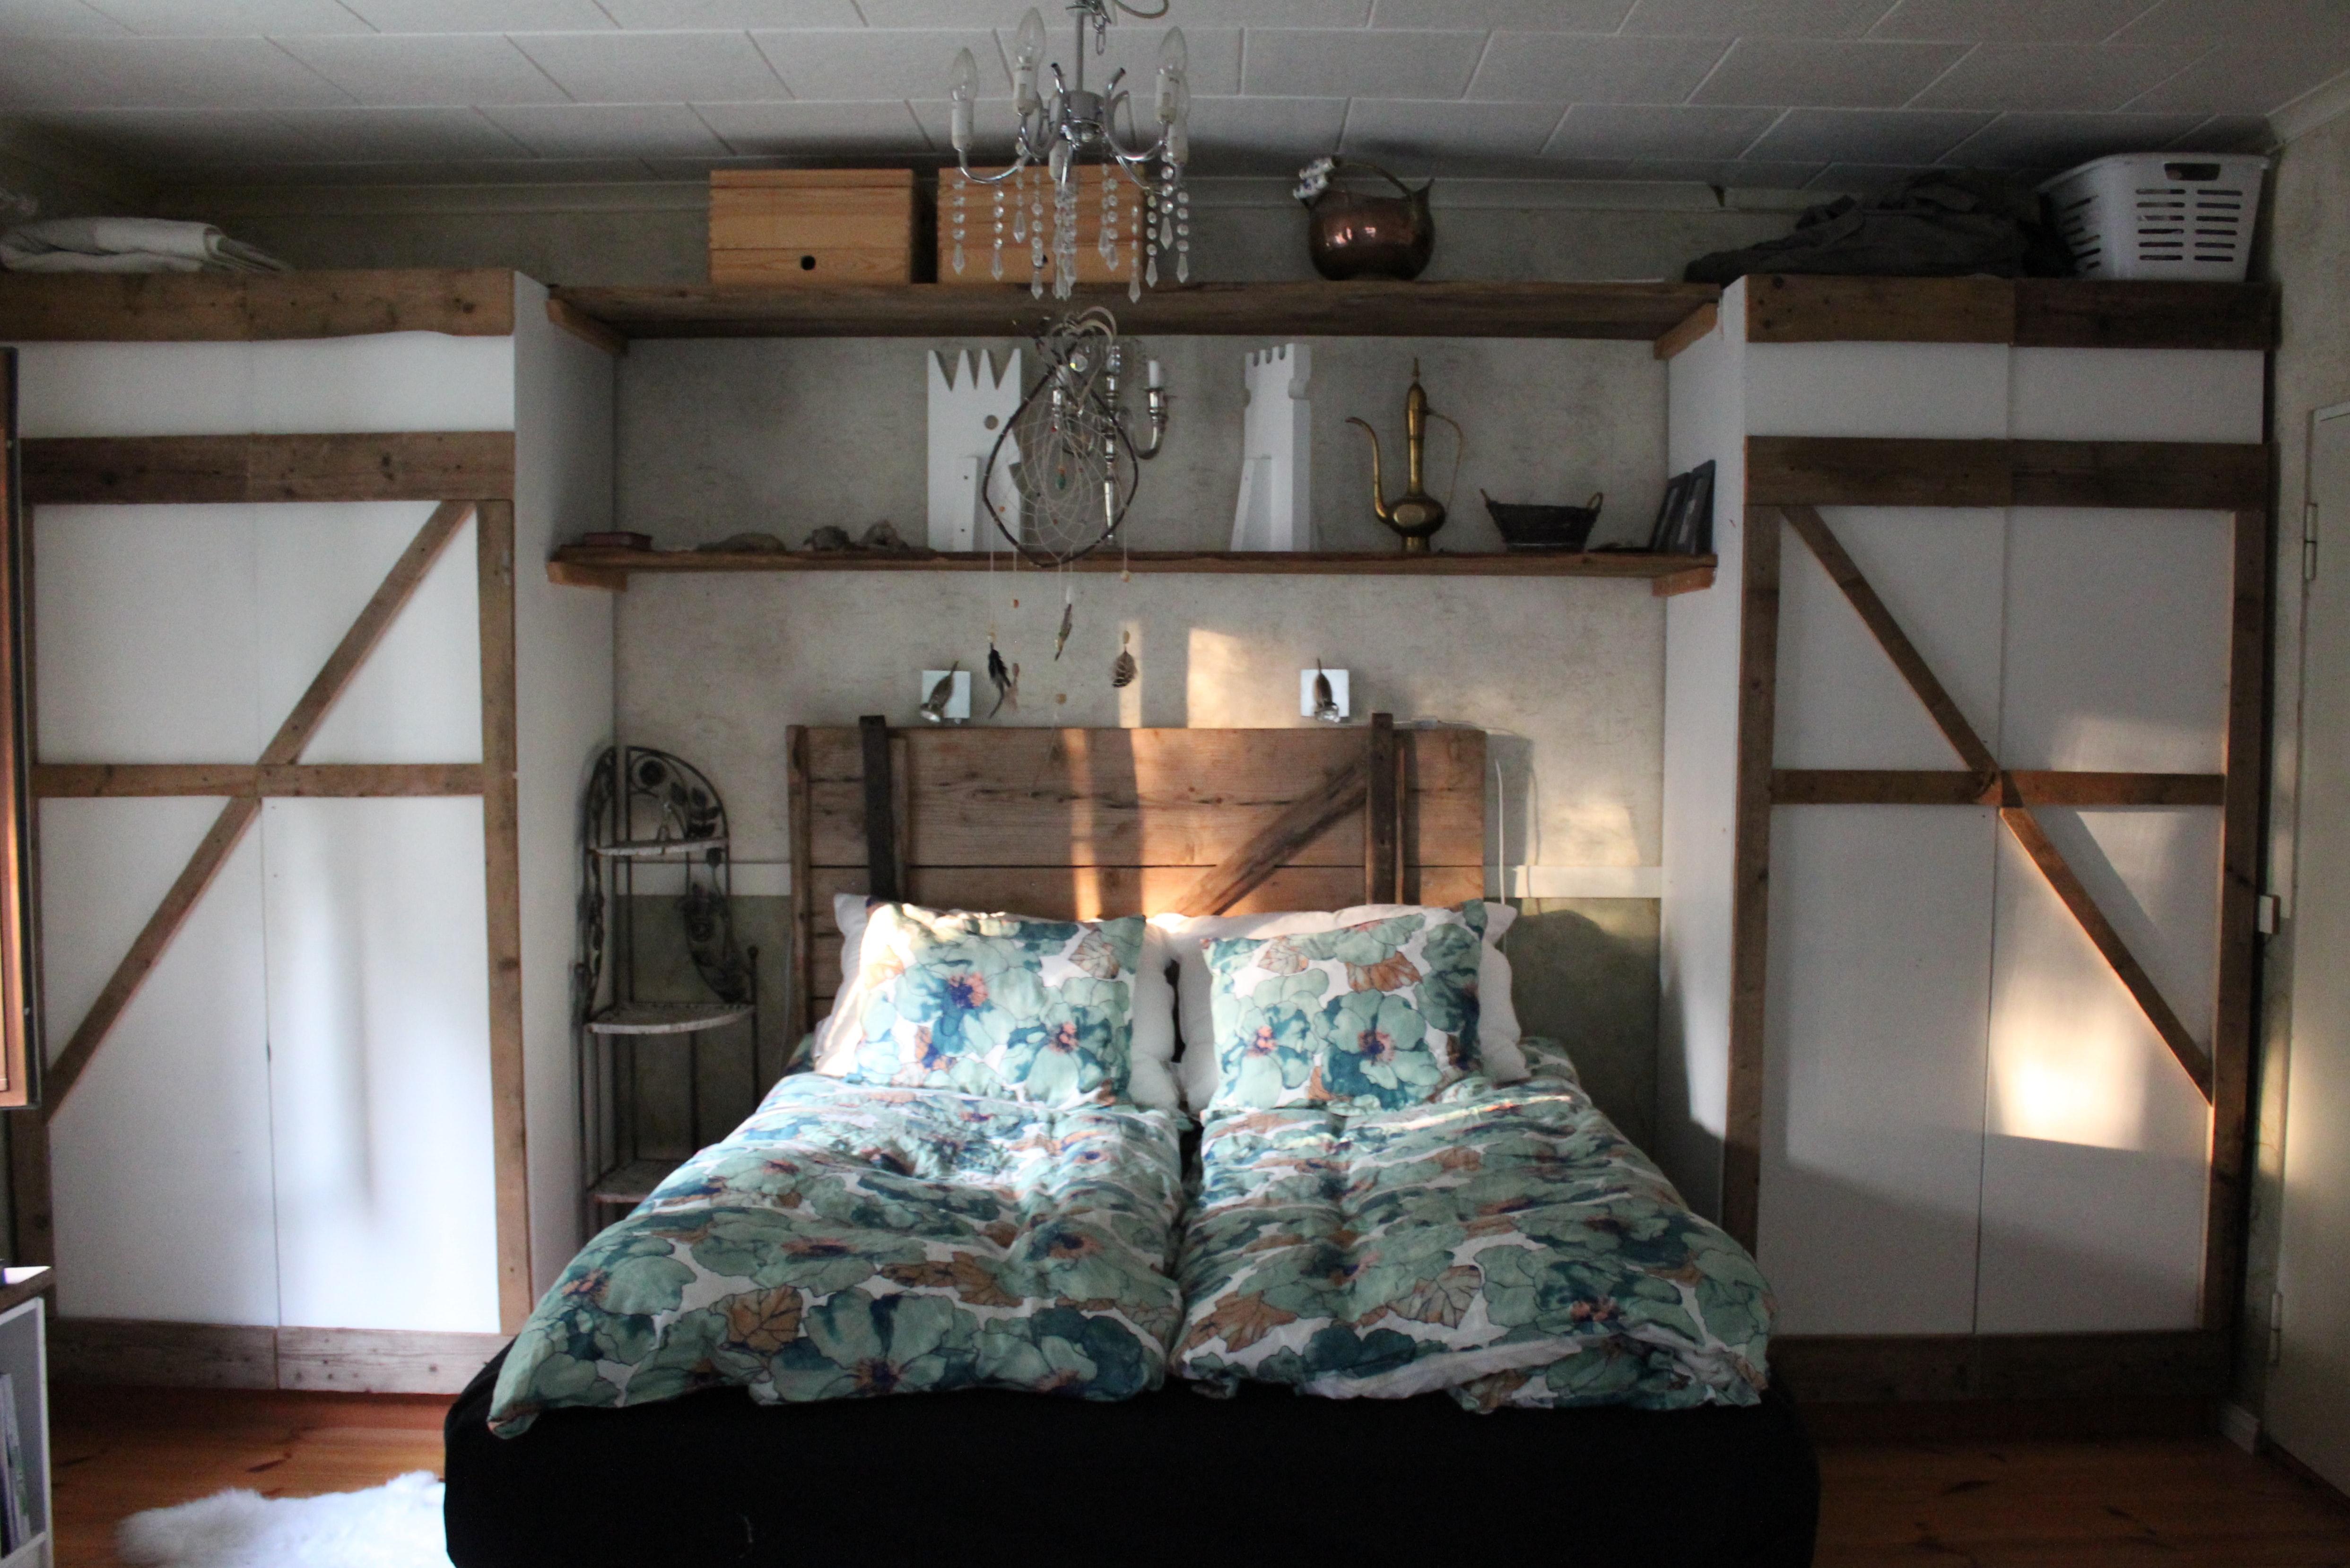 O manželských posteliach alebo rozdeľuj a panuj pri spoločnom spaní.